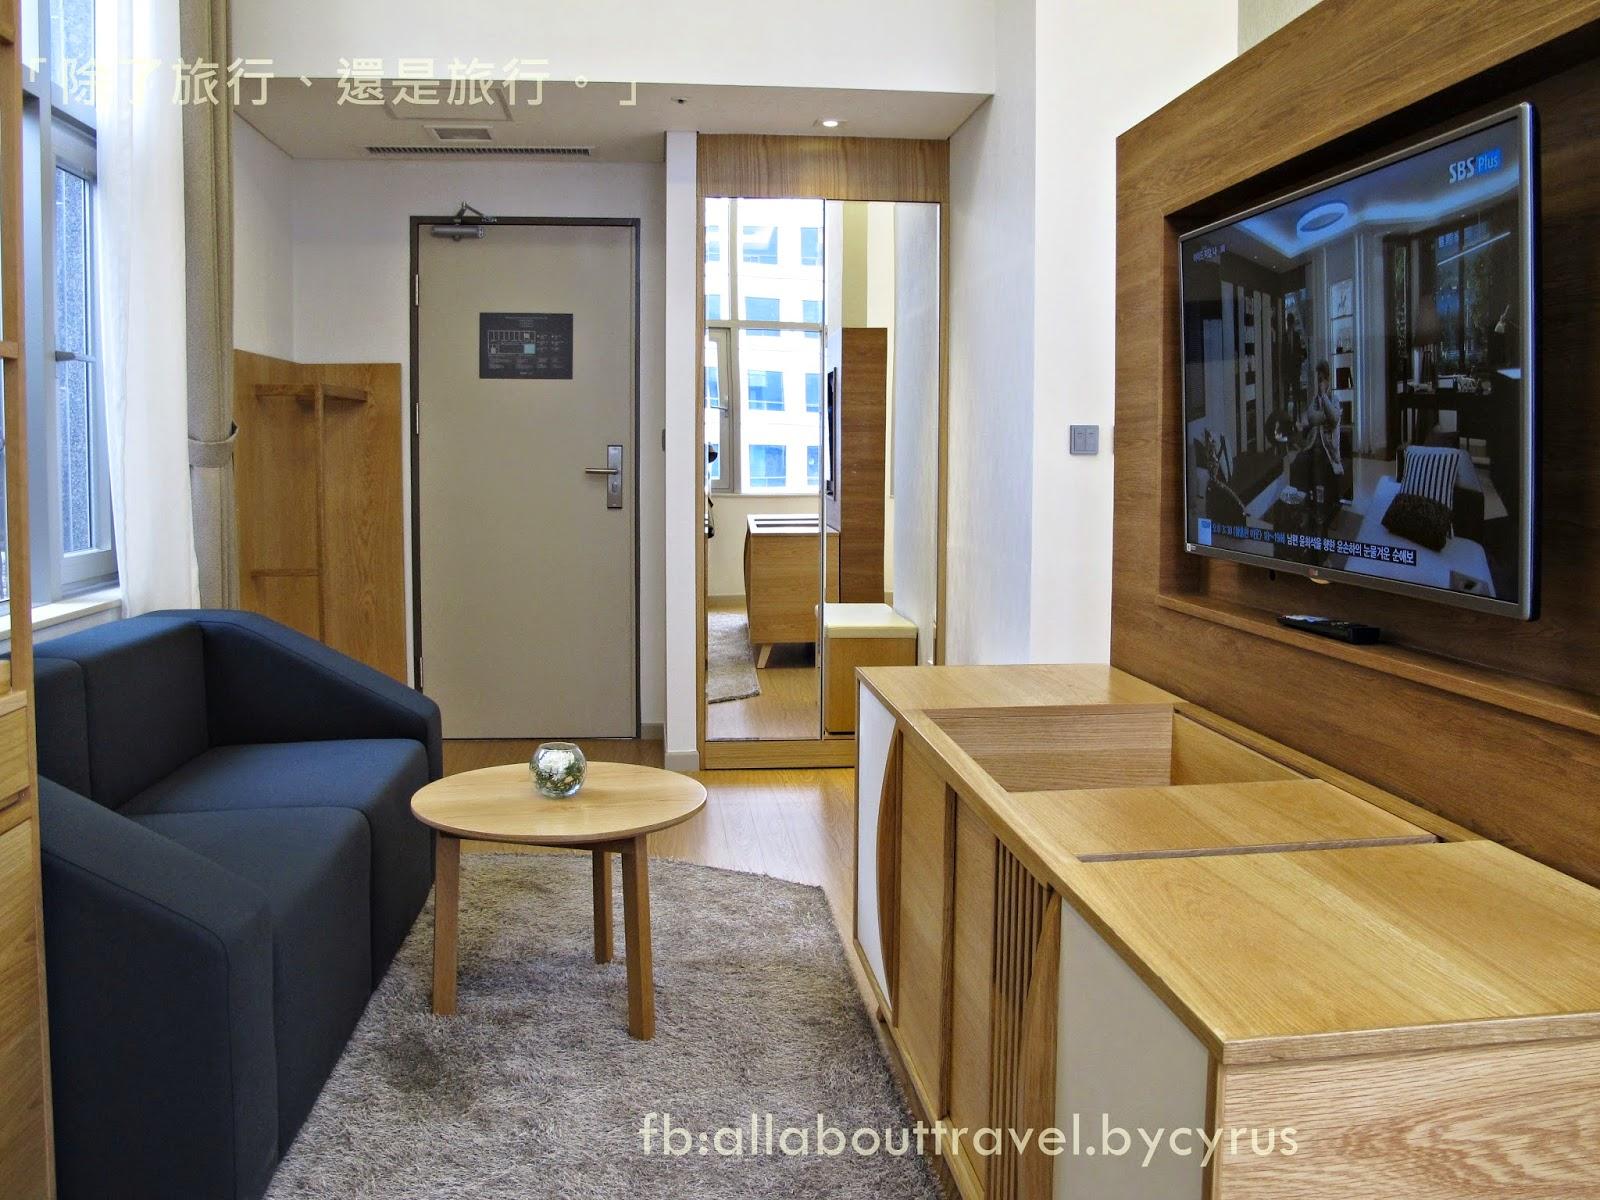 「除了旅行,還是旅行。」: 『韓國。住宿』明洞徒步,時尚居家感的全新精品酒店:明洞Staz Hotel 2號酒店